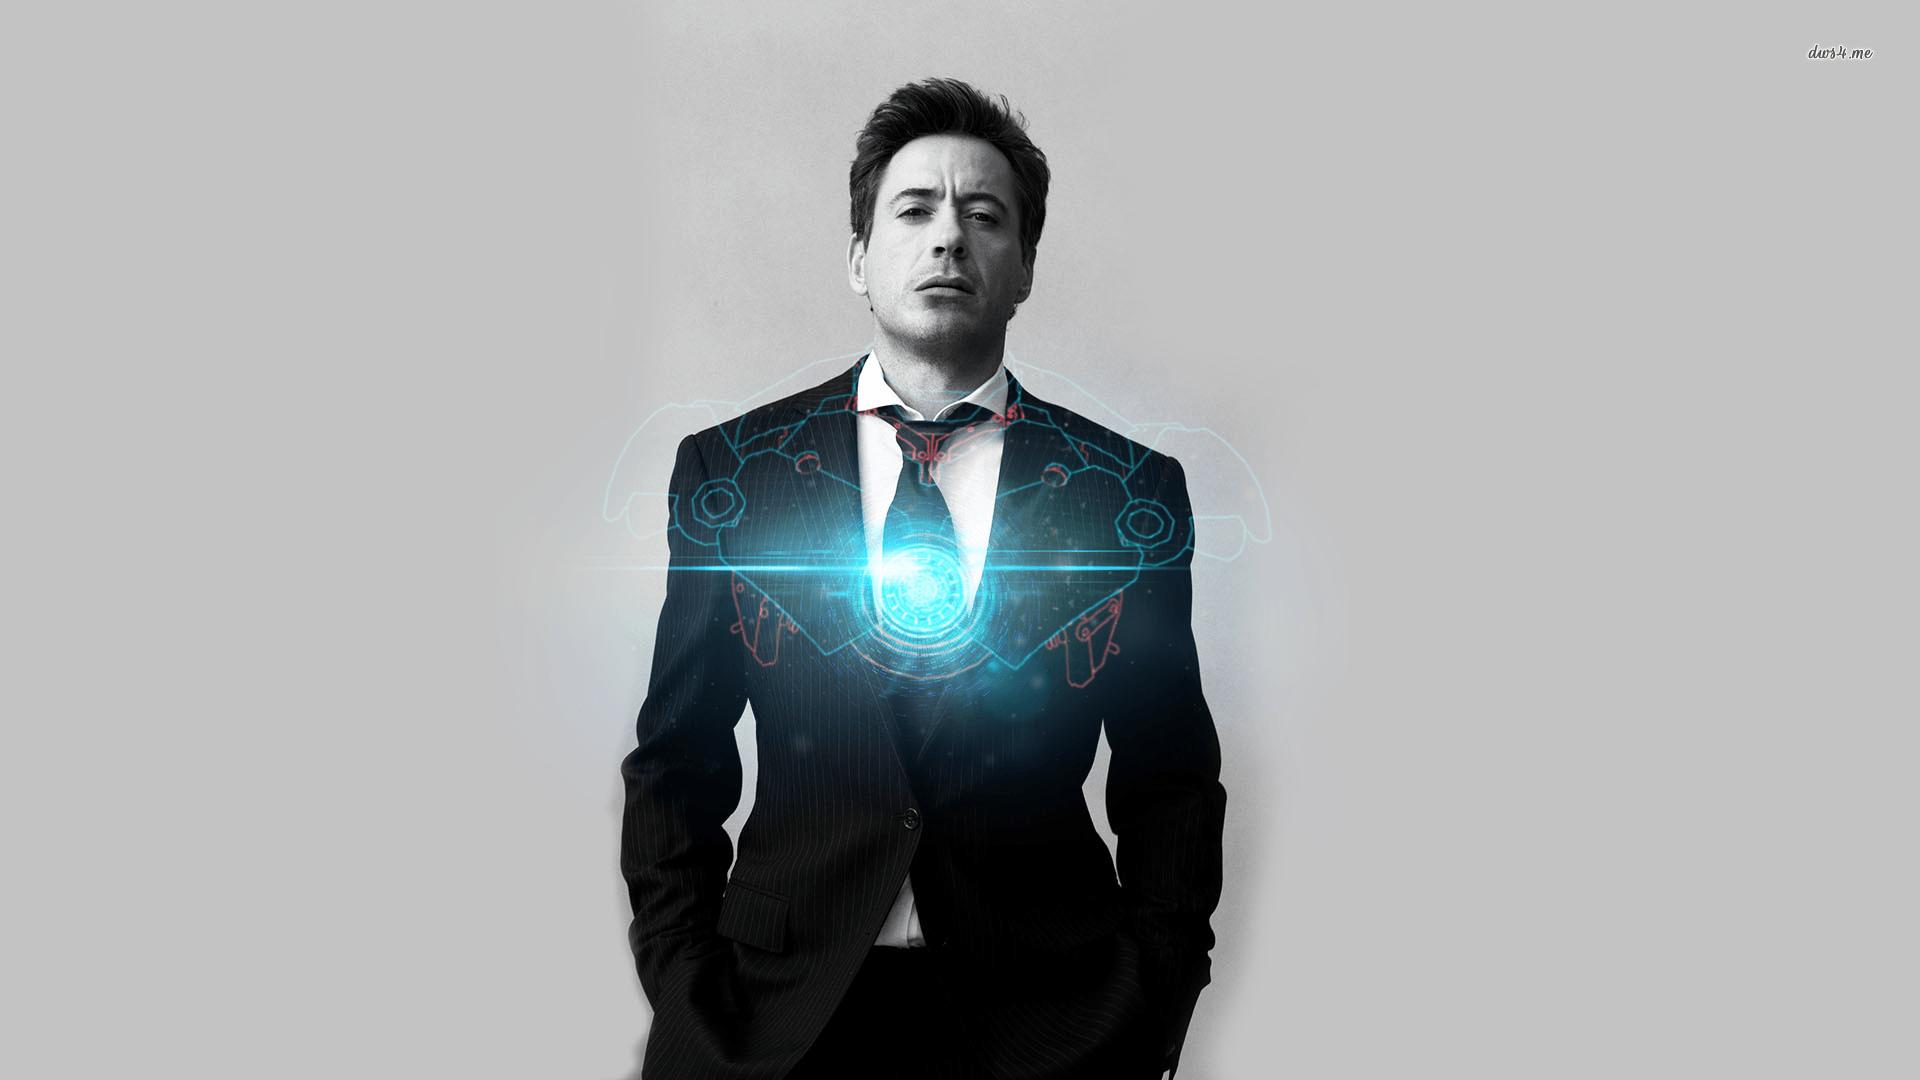 Tony Stark Hd Wallpapers Top Free Tony Stark Hd